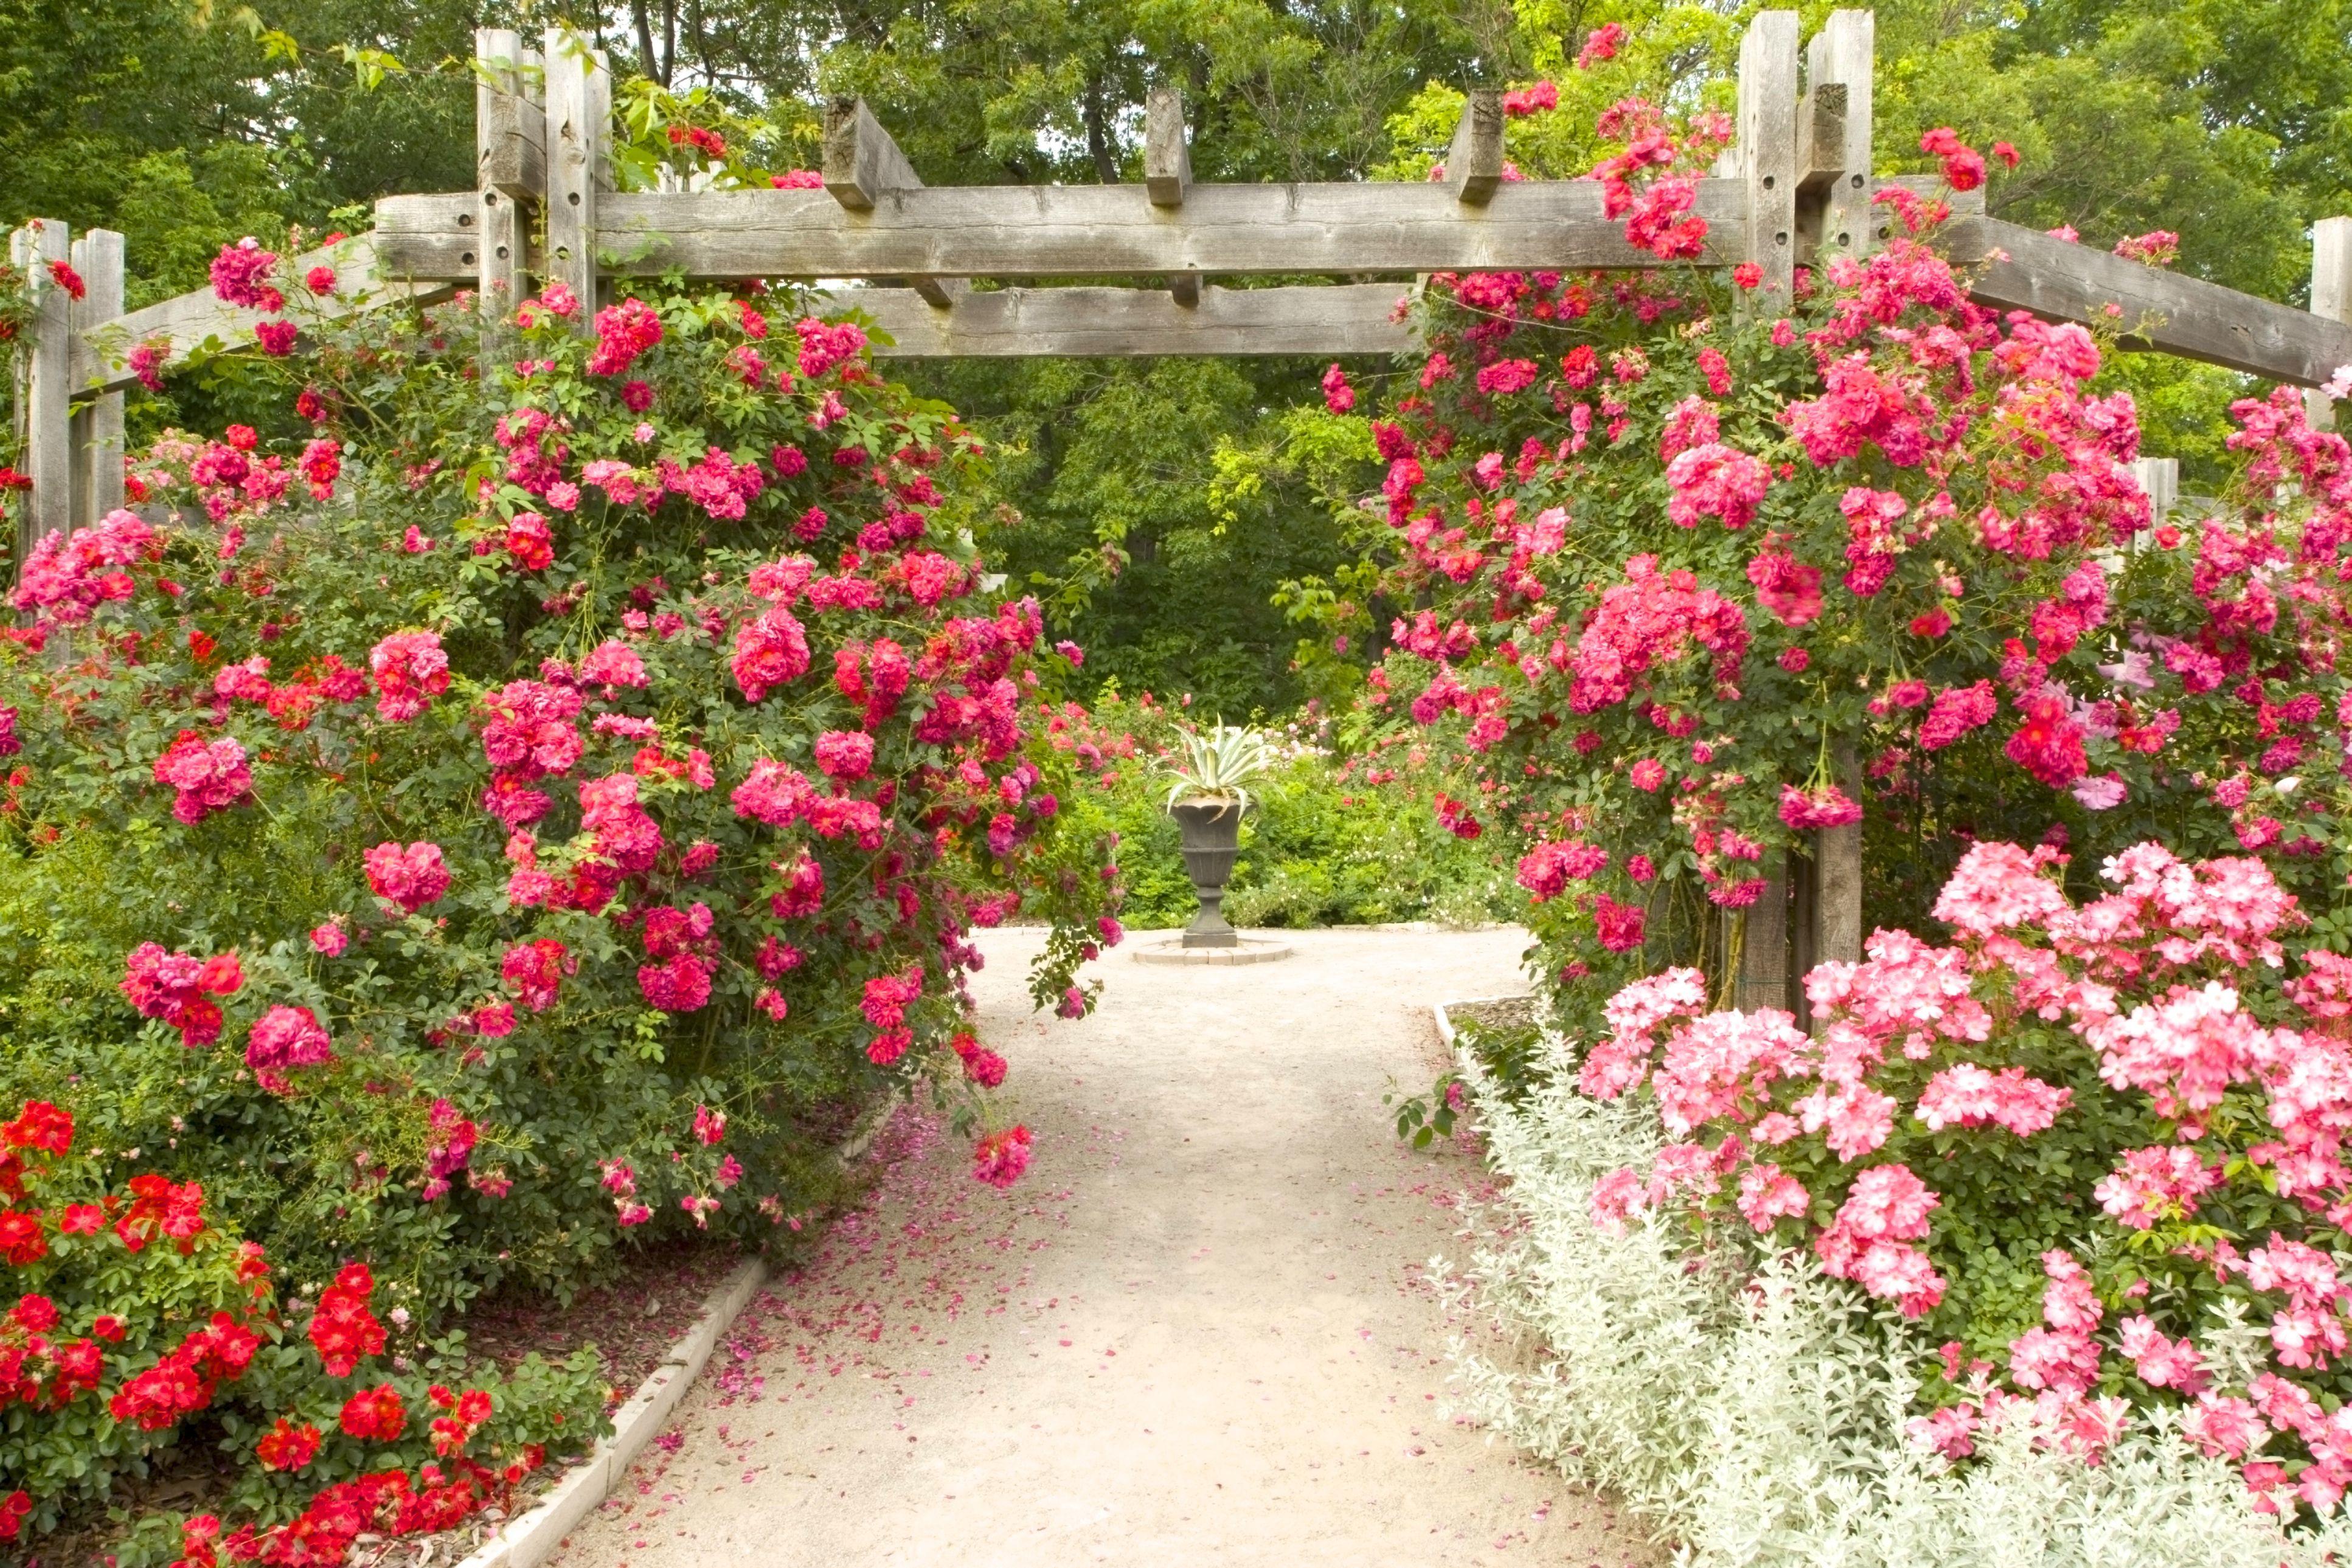 Escoge tu estilo de jard n que va mejor contigo for Jardin 7 colores bernal